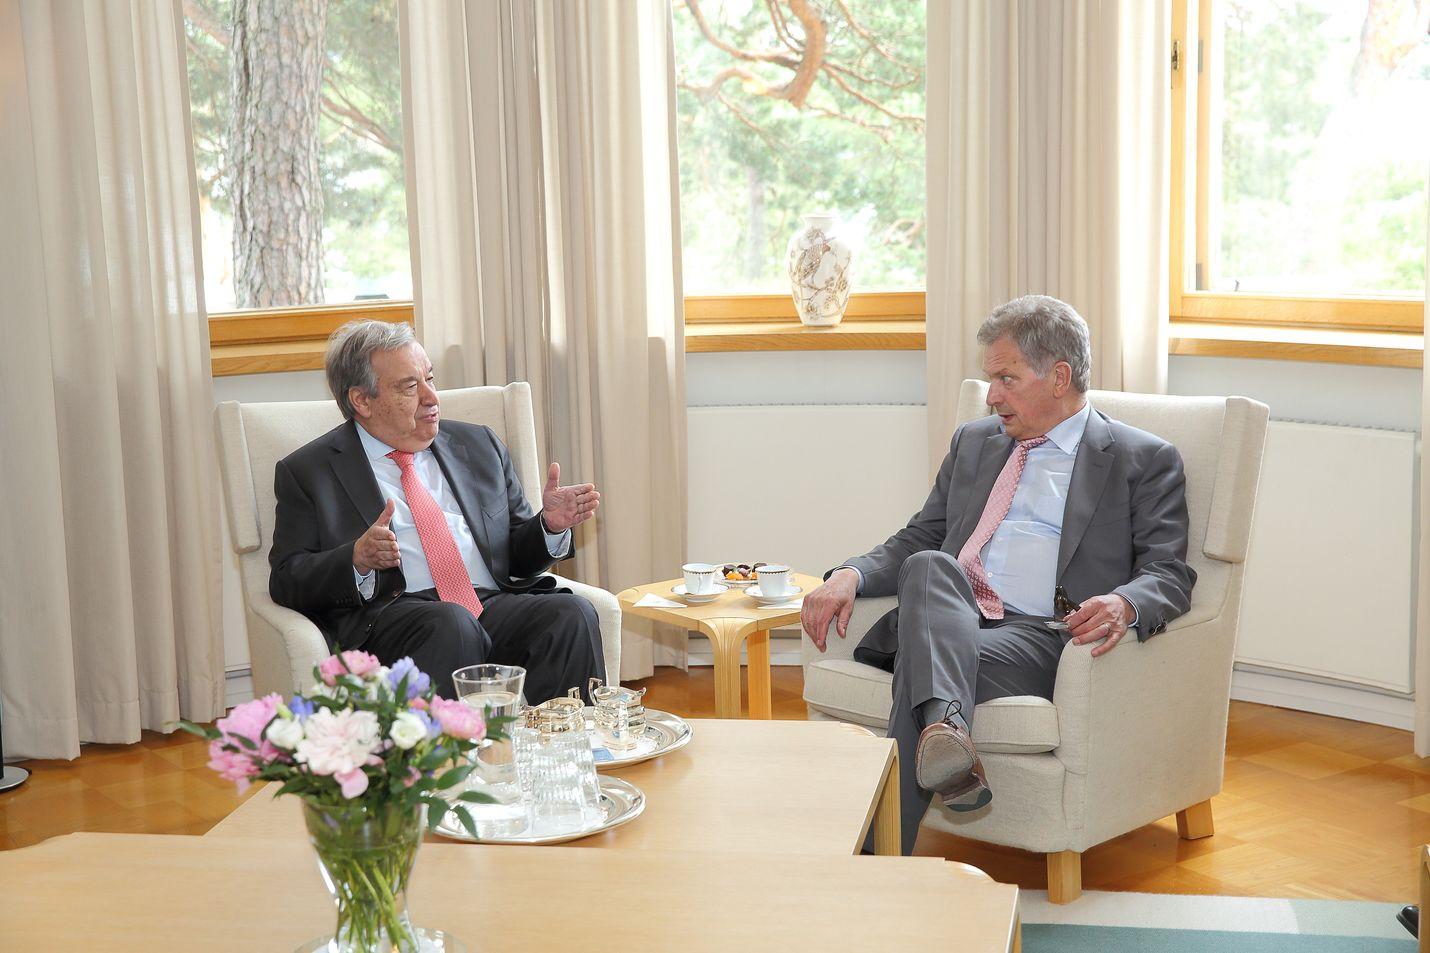 Sauli Niinistö (oik.) keskusteli YK:n pääsihteeri António Guterresin kanssa vuoden 2018 Kultaranta-keskusteluissa.